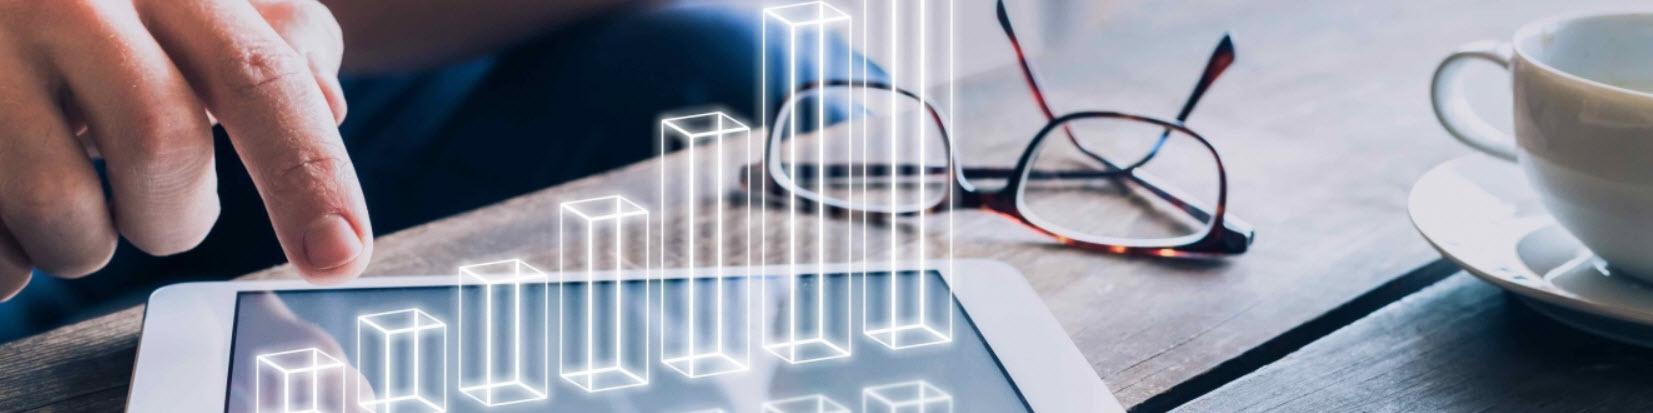 Embedded Analytics-1